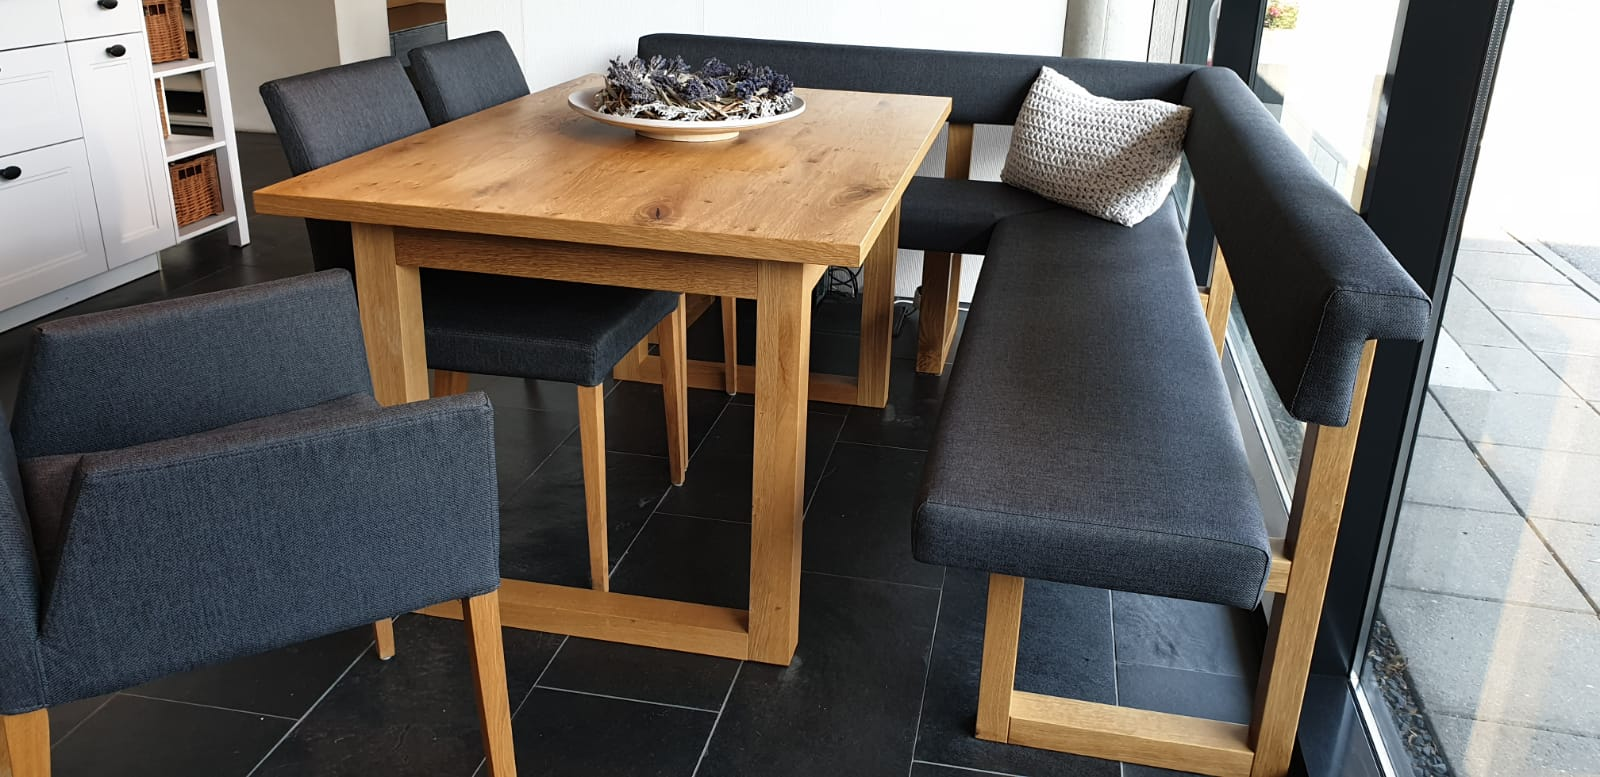 Full Size of Sitzgruppe Für Küche Sitzgruppe Küche Eckbank Sitzgruppe Küche Poco Sitzgruppe Küche Otto Küche Küche Sitzgruppe